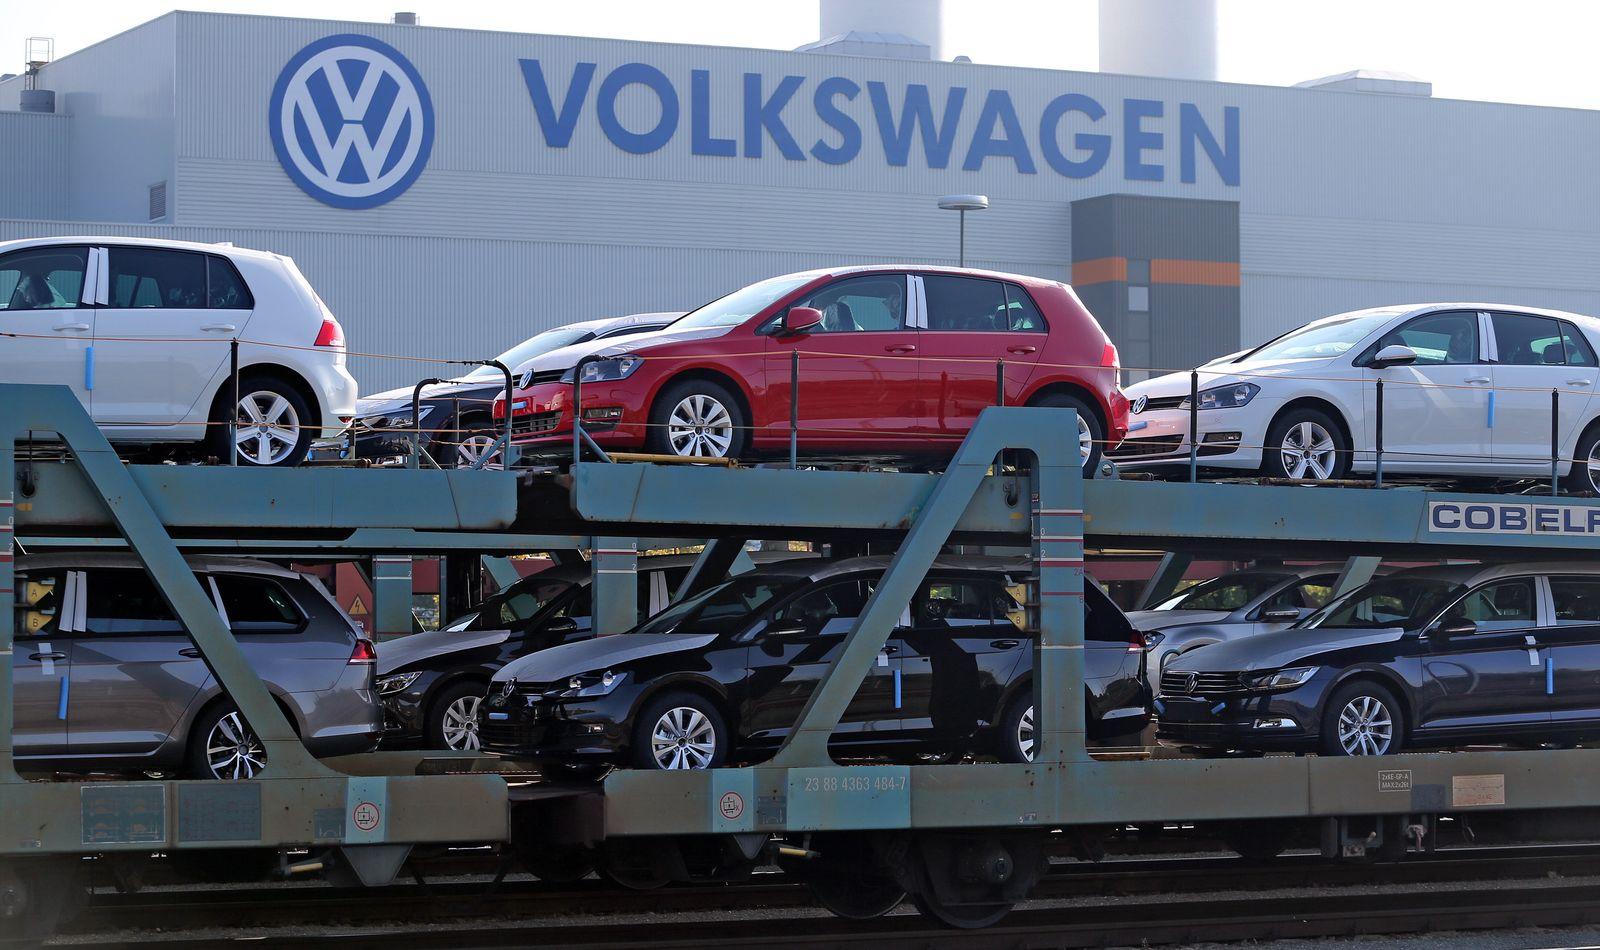 Volkswagen - Werk Zwickau